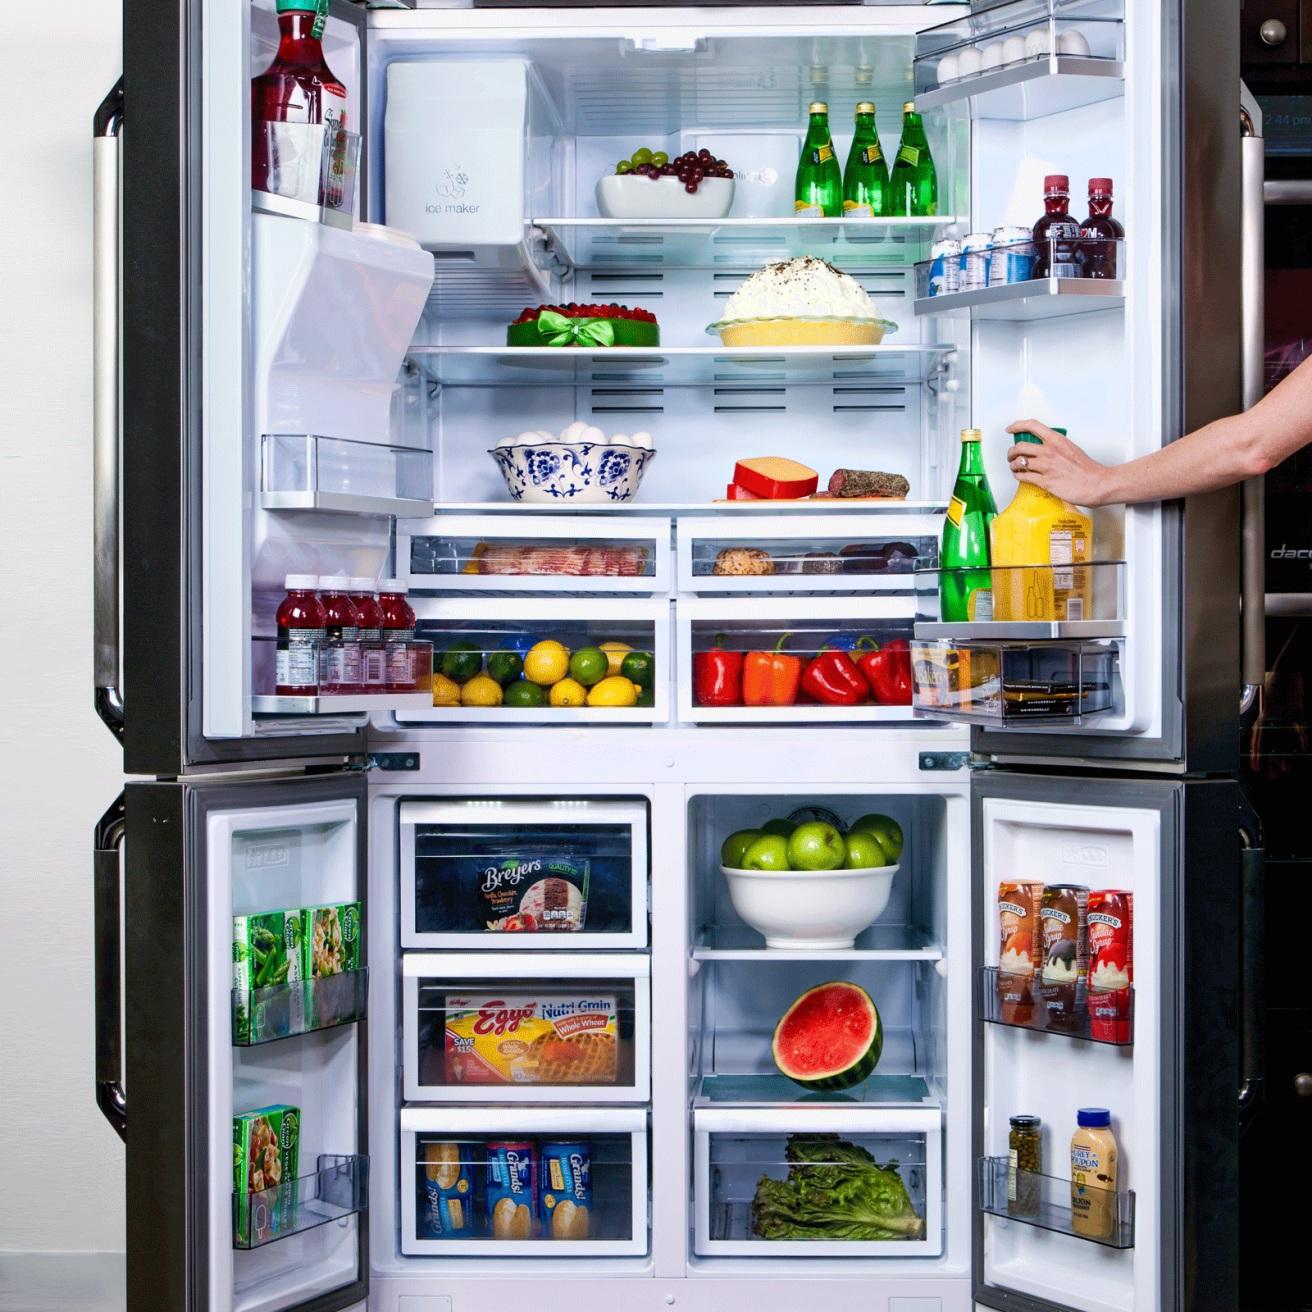 фото холодильник с картинками посмотреть просто фотопечатью можно покрыть